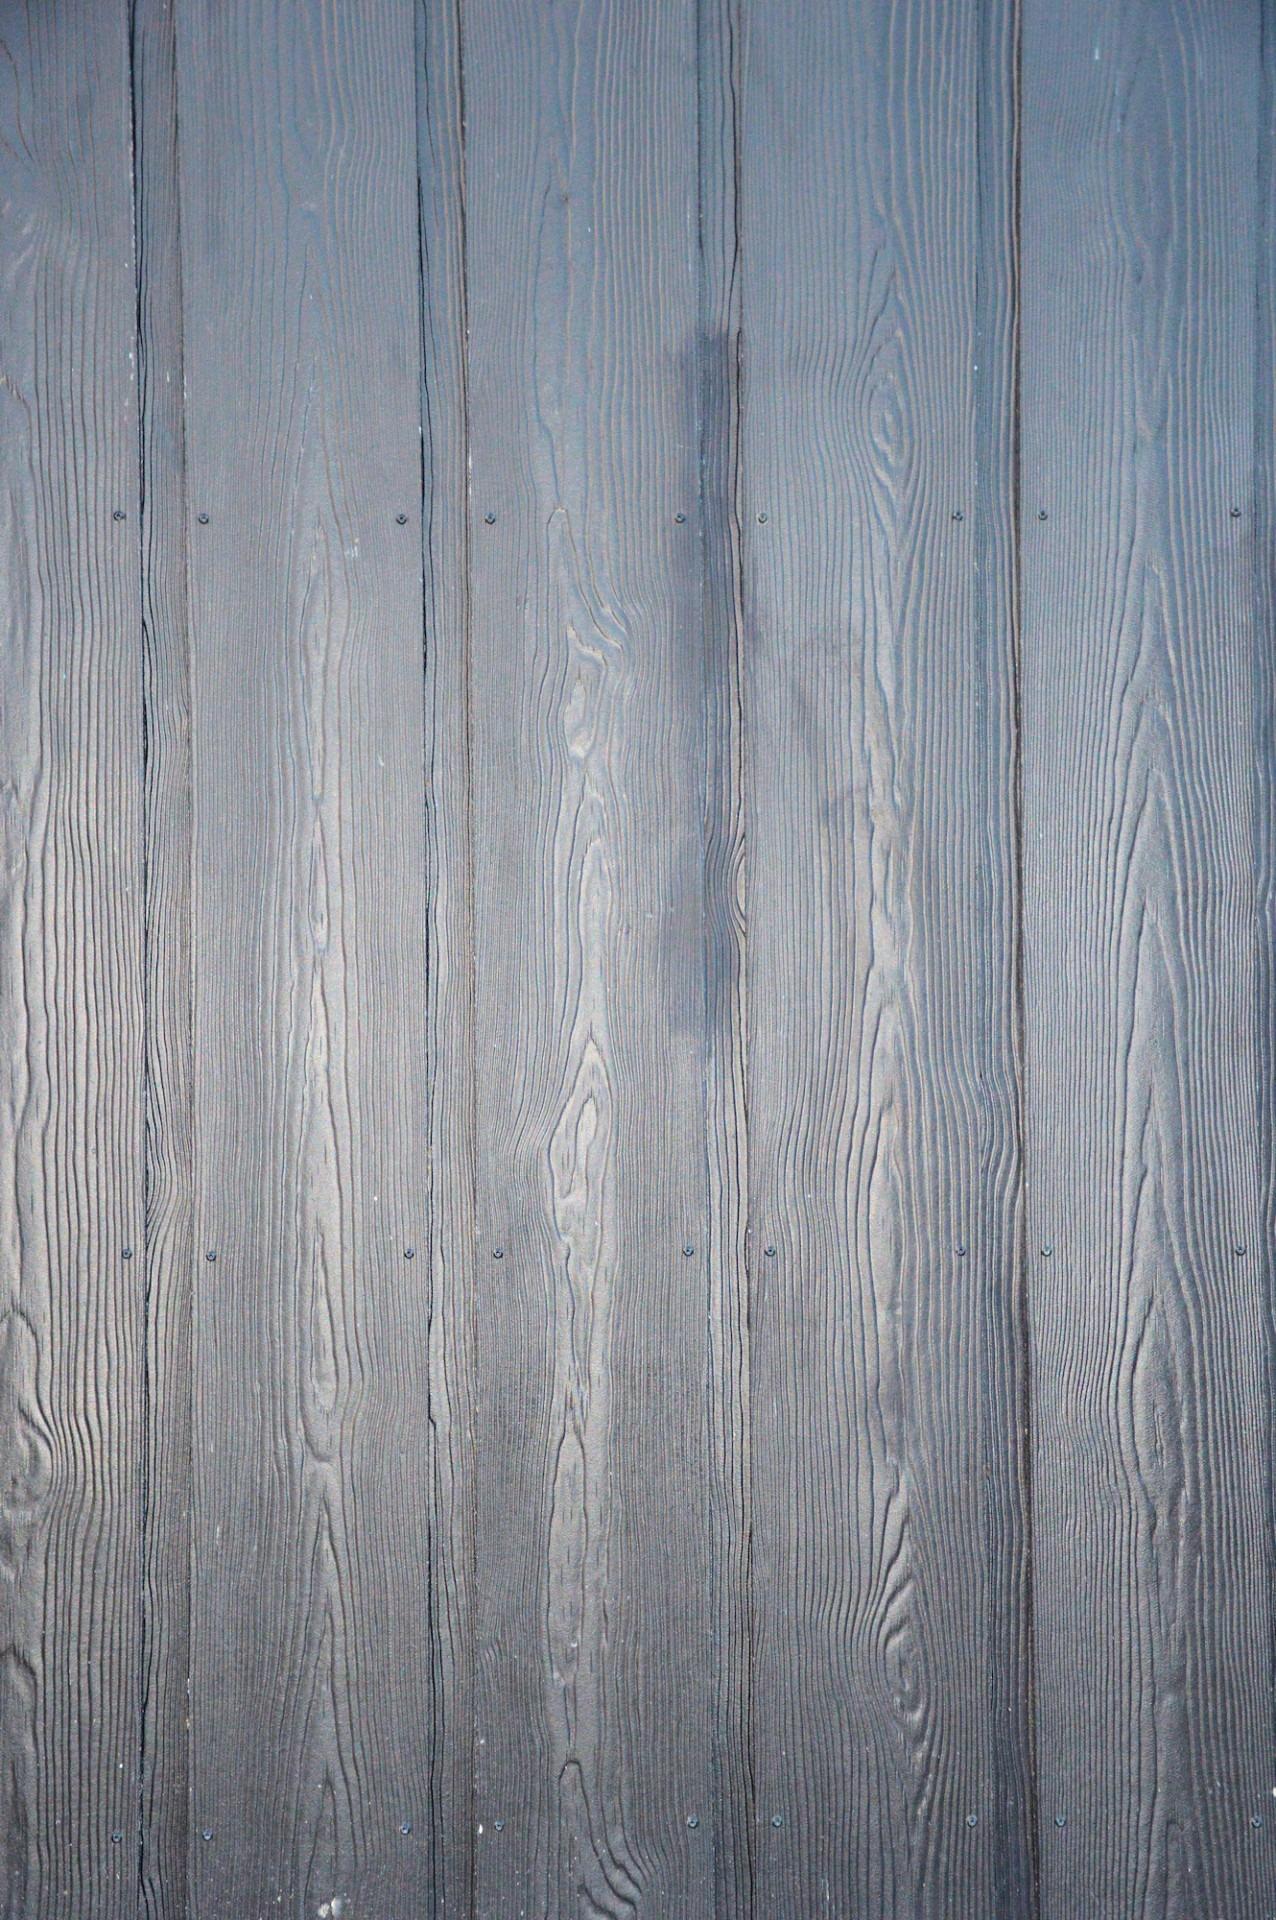 Audacieuse Images Gratuites : bois, cru, texture, décoration, modèle, symbole BE-18